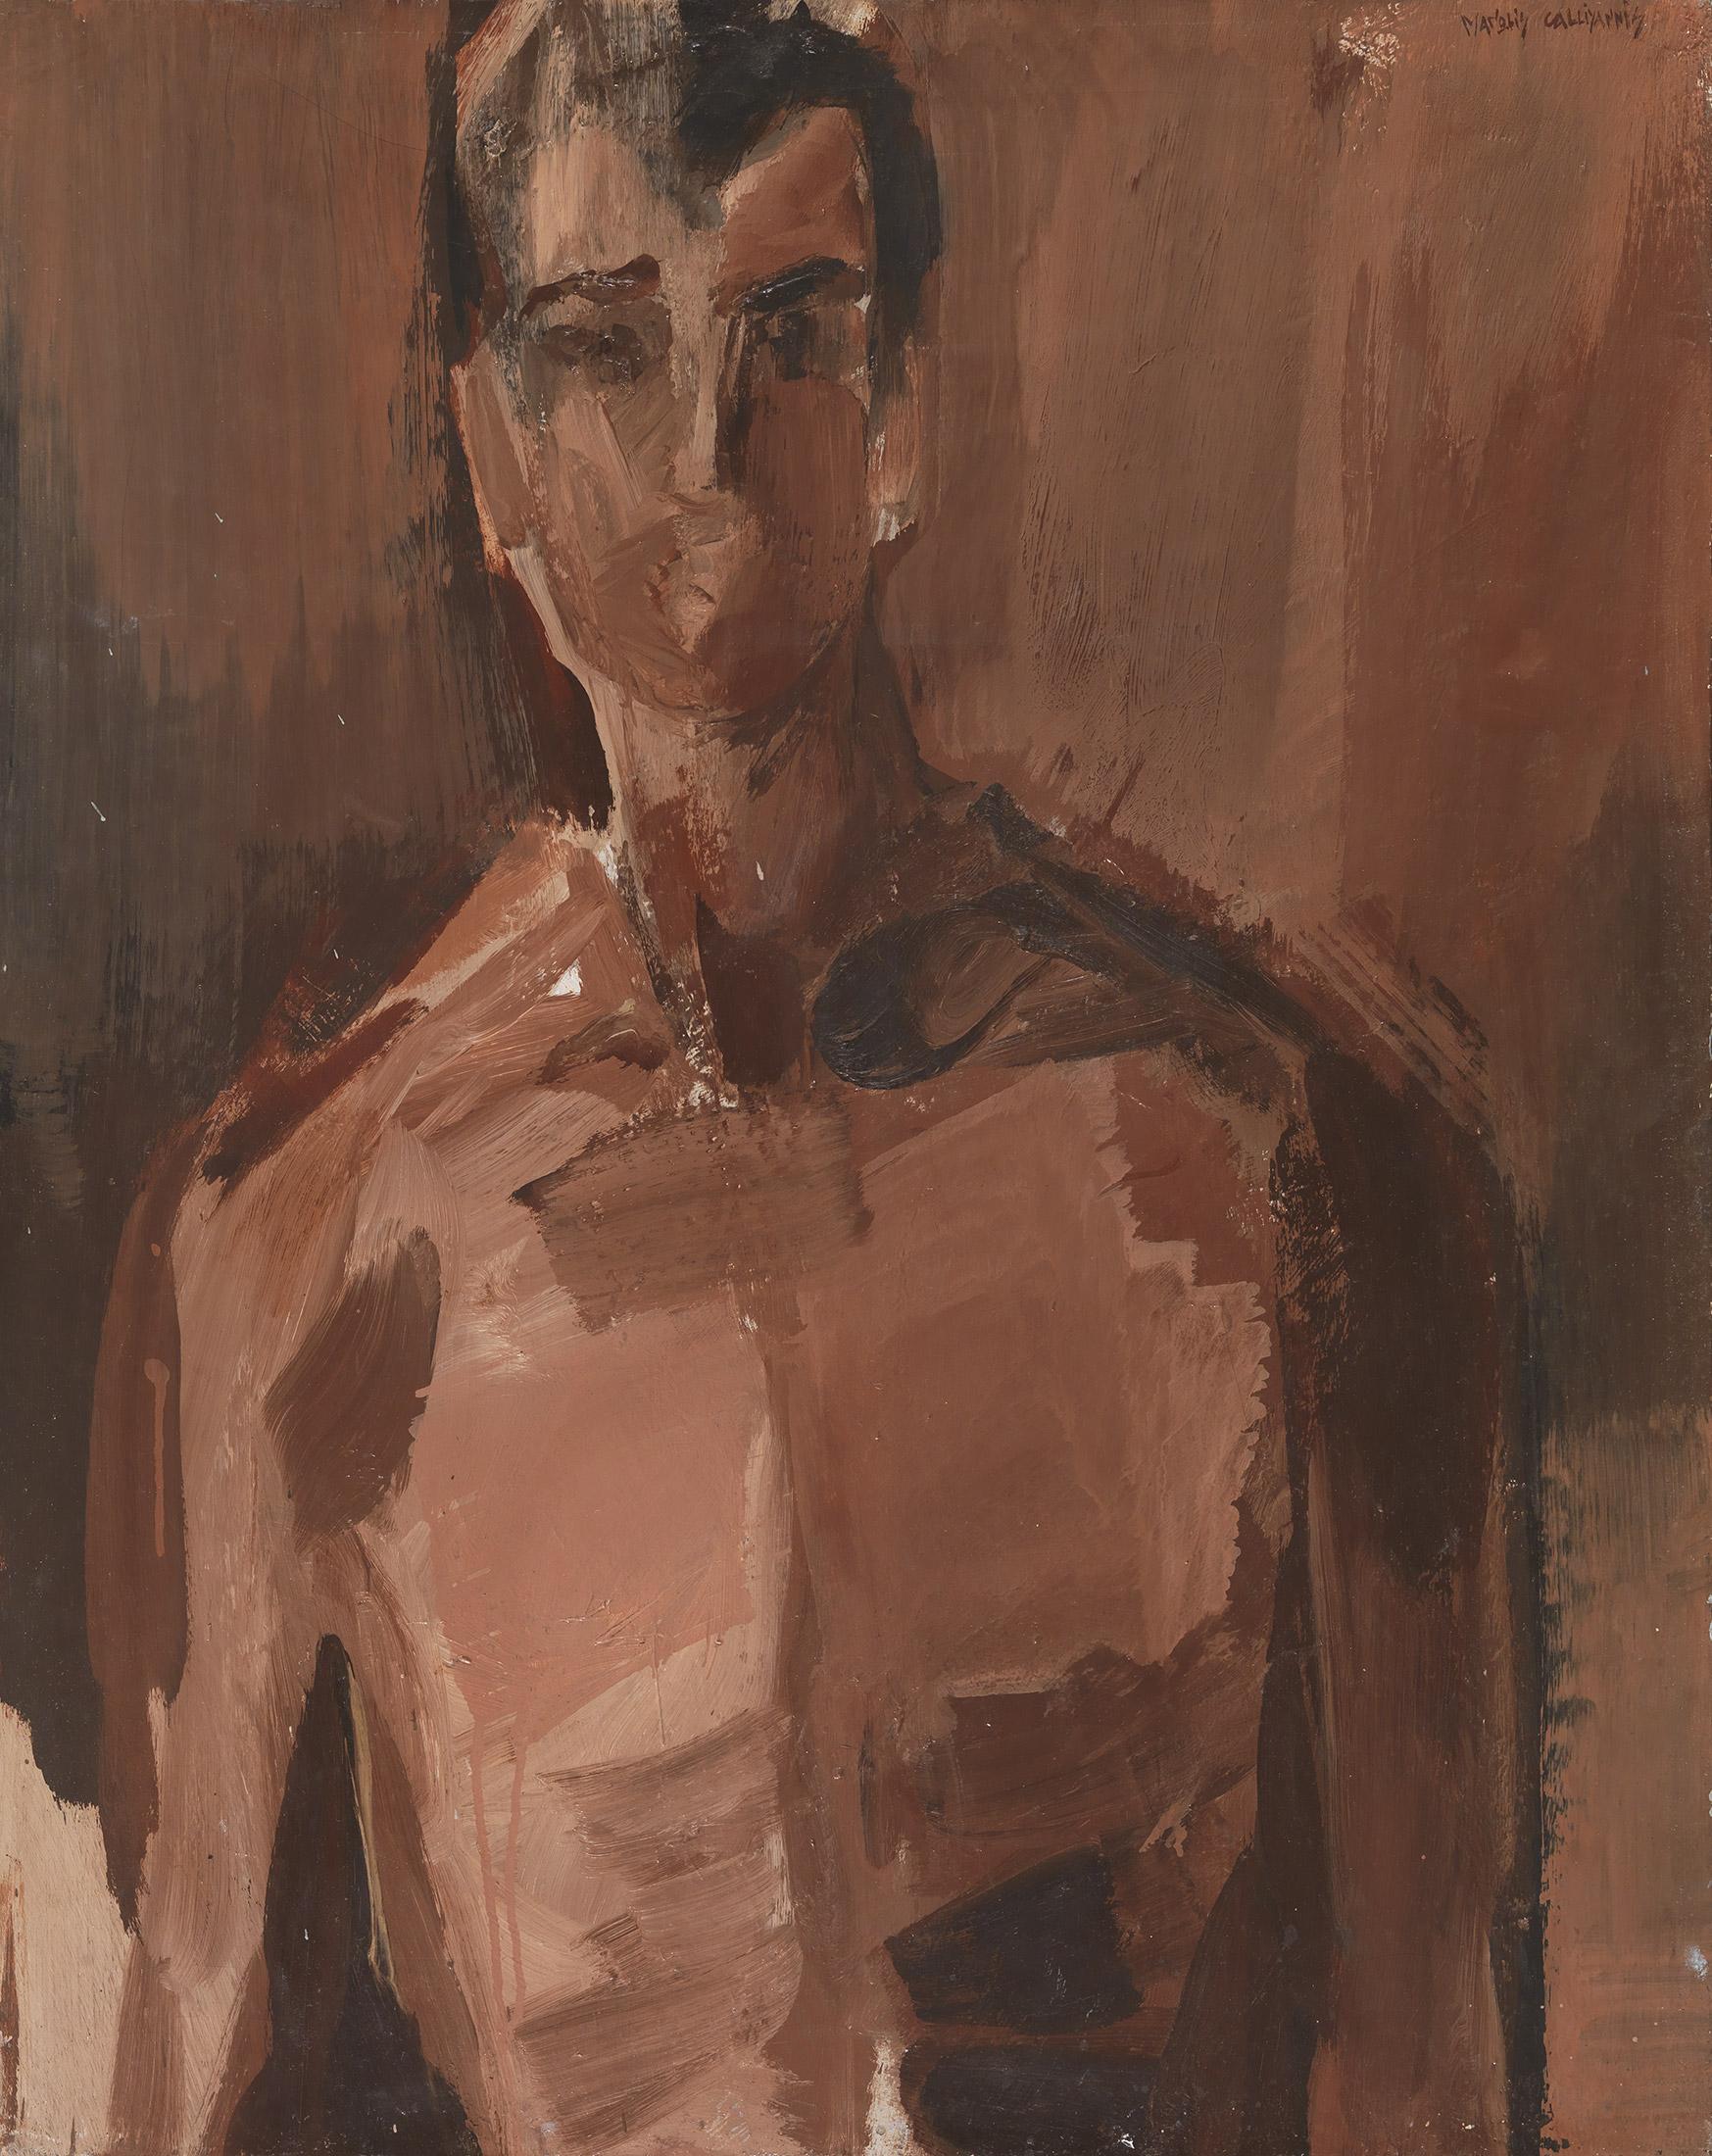 Manolis Calliyannis - Etude pour homme